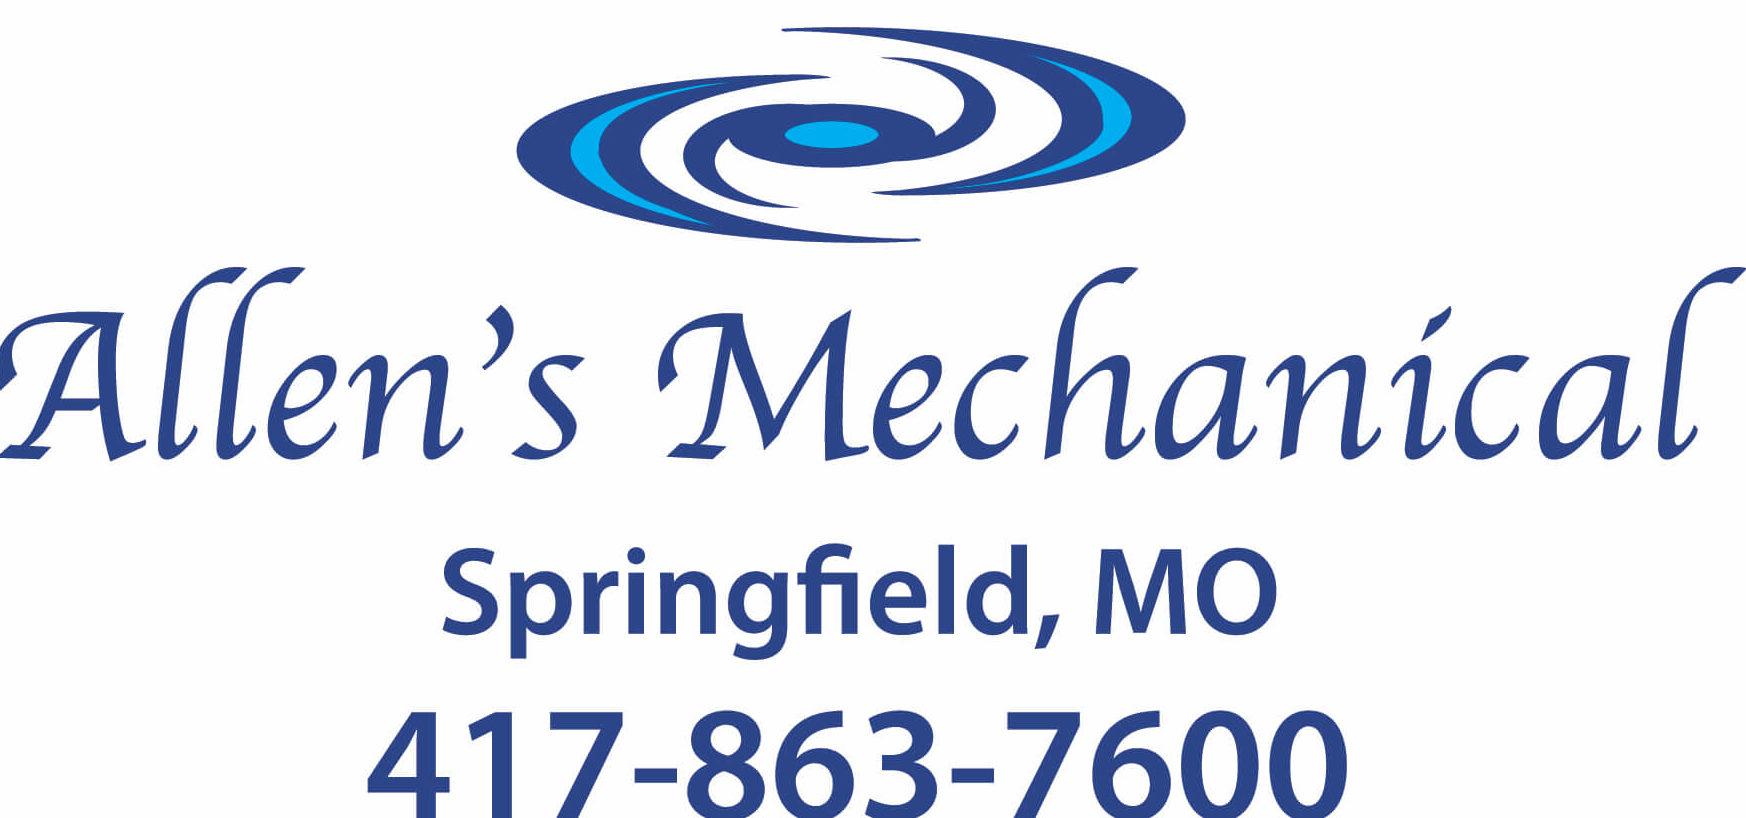 Allen's Mechanical logo